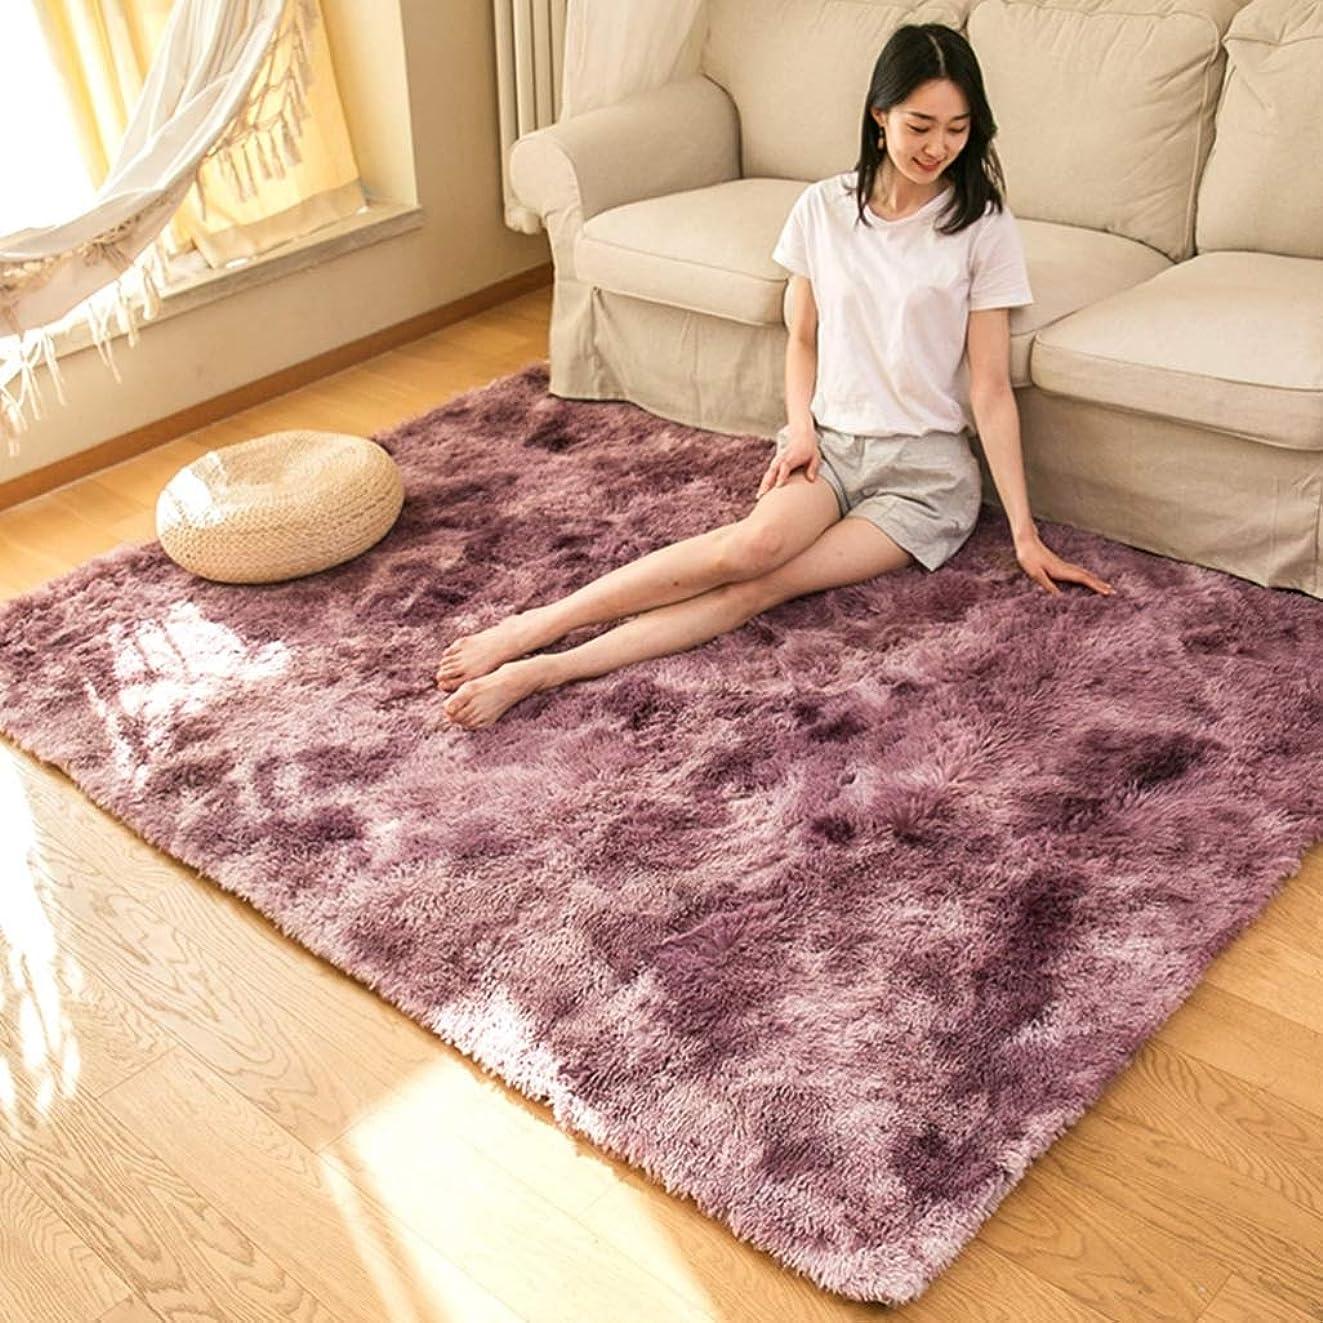 誇りに思う別の頑固なカーペット ラグマット シャギーラグ 北欧 おしゃれ 洗える 200×240cm 絨毯 多色絞り染め ふわふわ 気持ちいい 滑り止め 床保護マット 抗菌防臭 防音 寝室 リビング 雰囲気